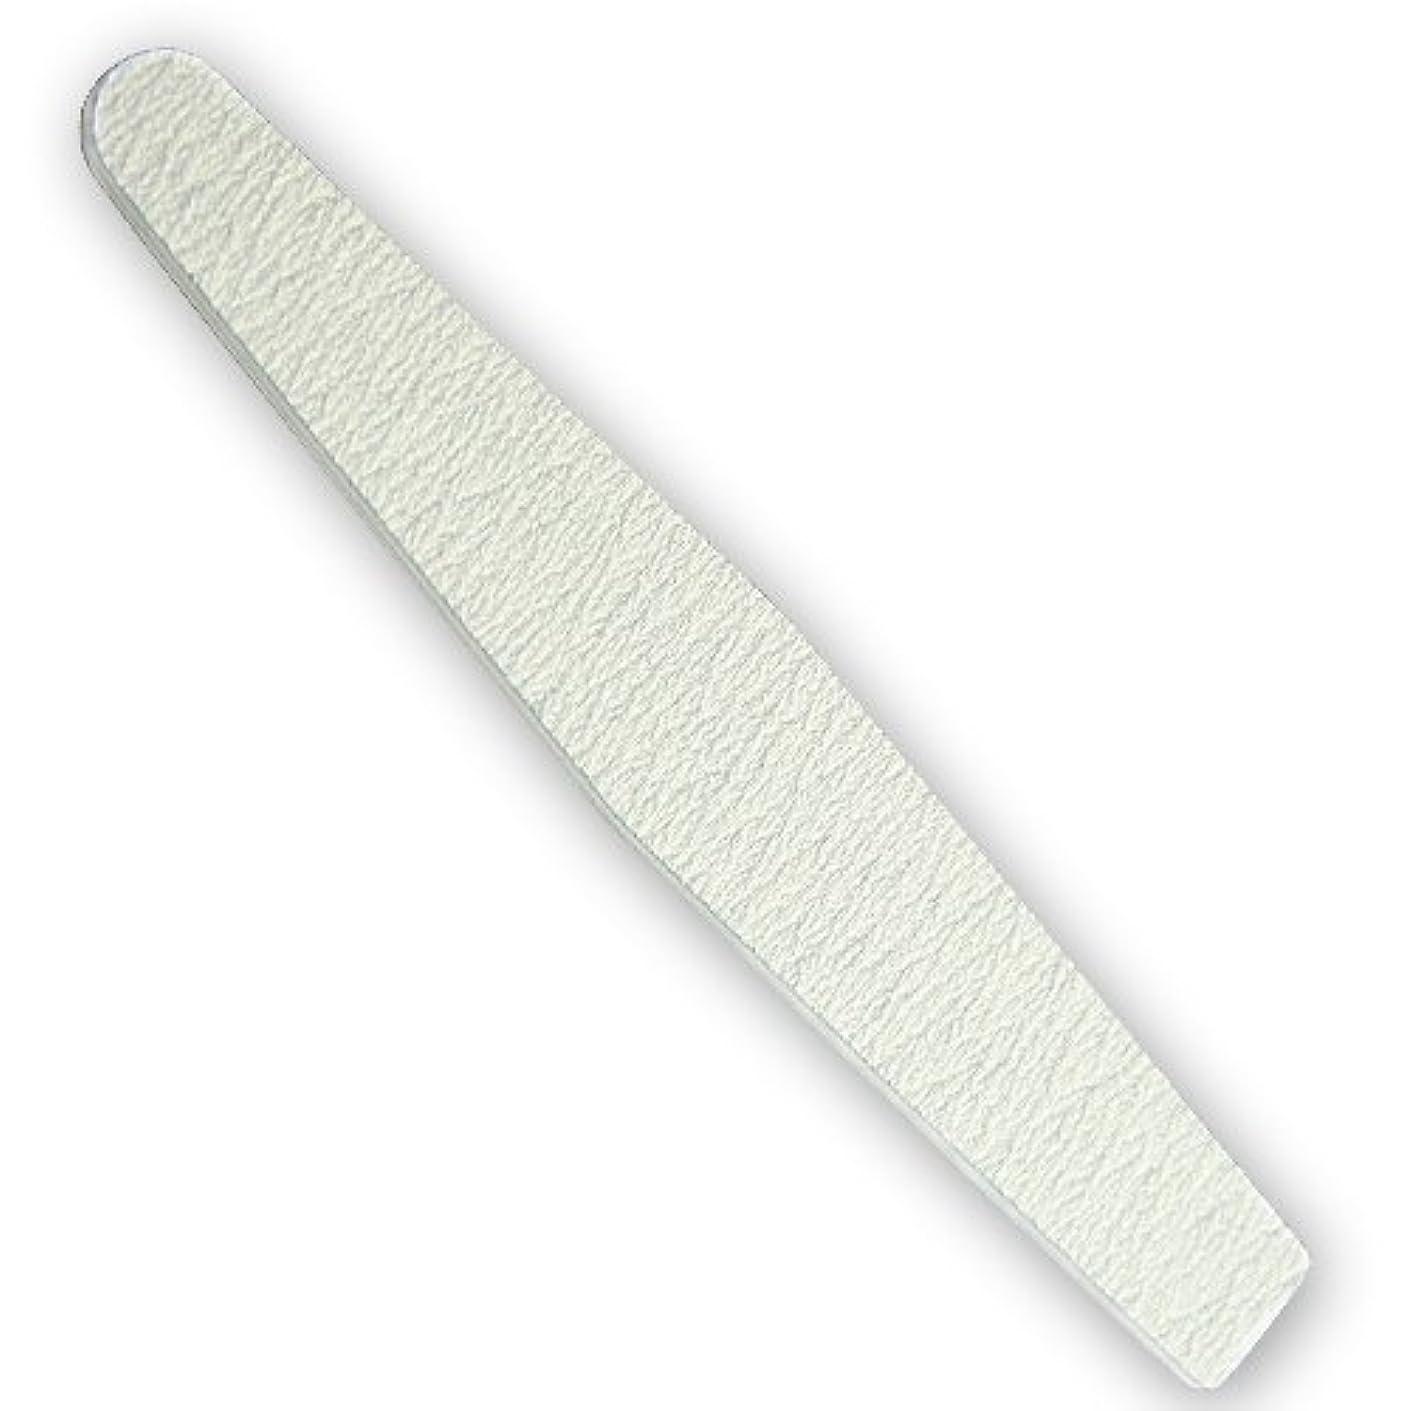 スリラー協力するタクトジェルネイル用ファイル100/180(爪やすり)シンプルで使いやすい